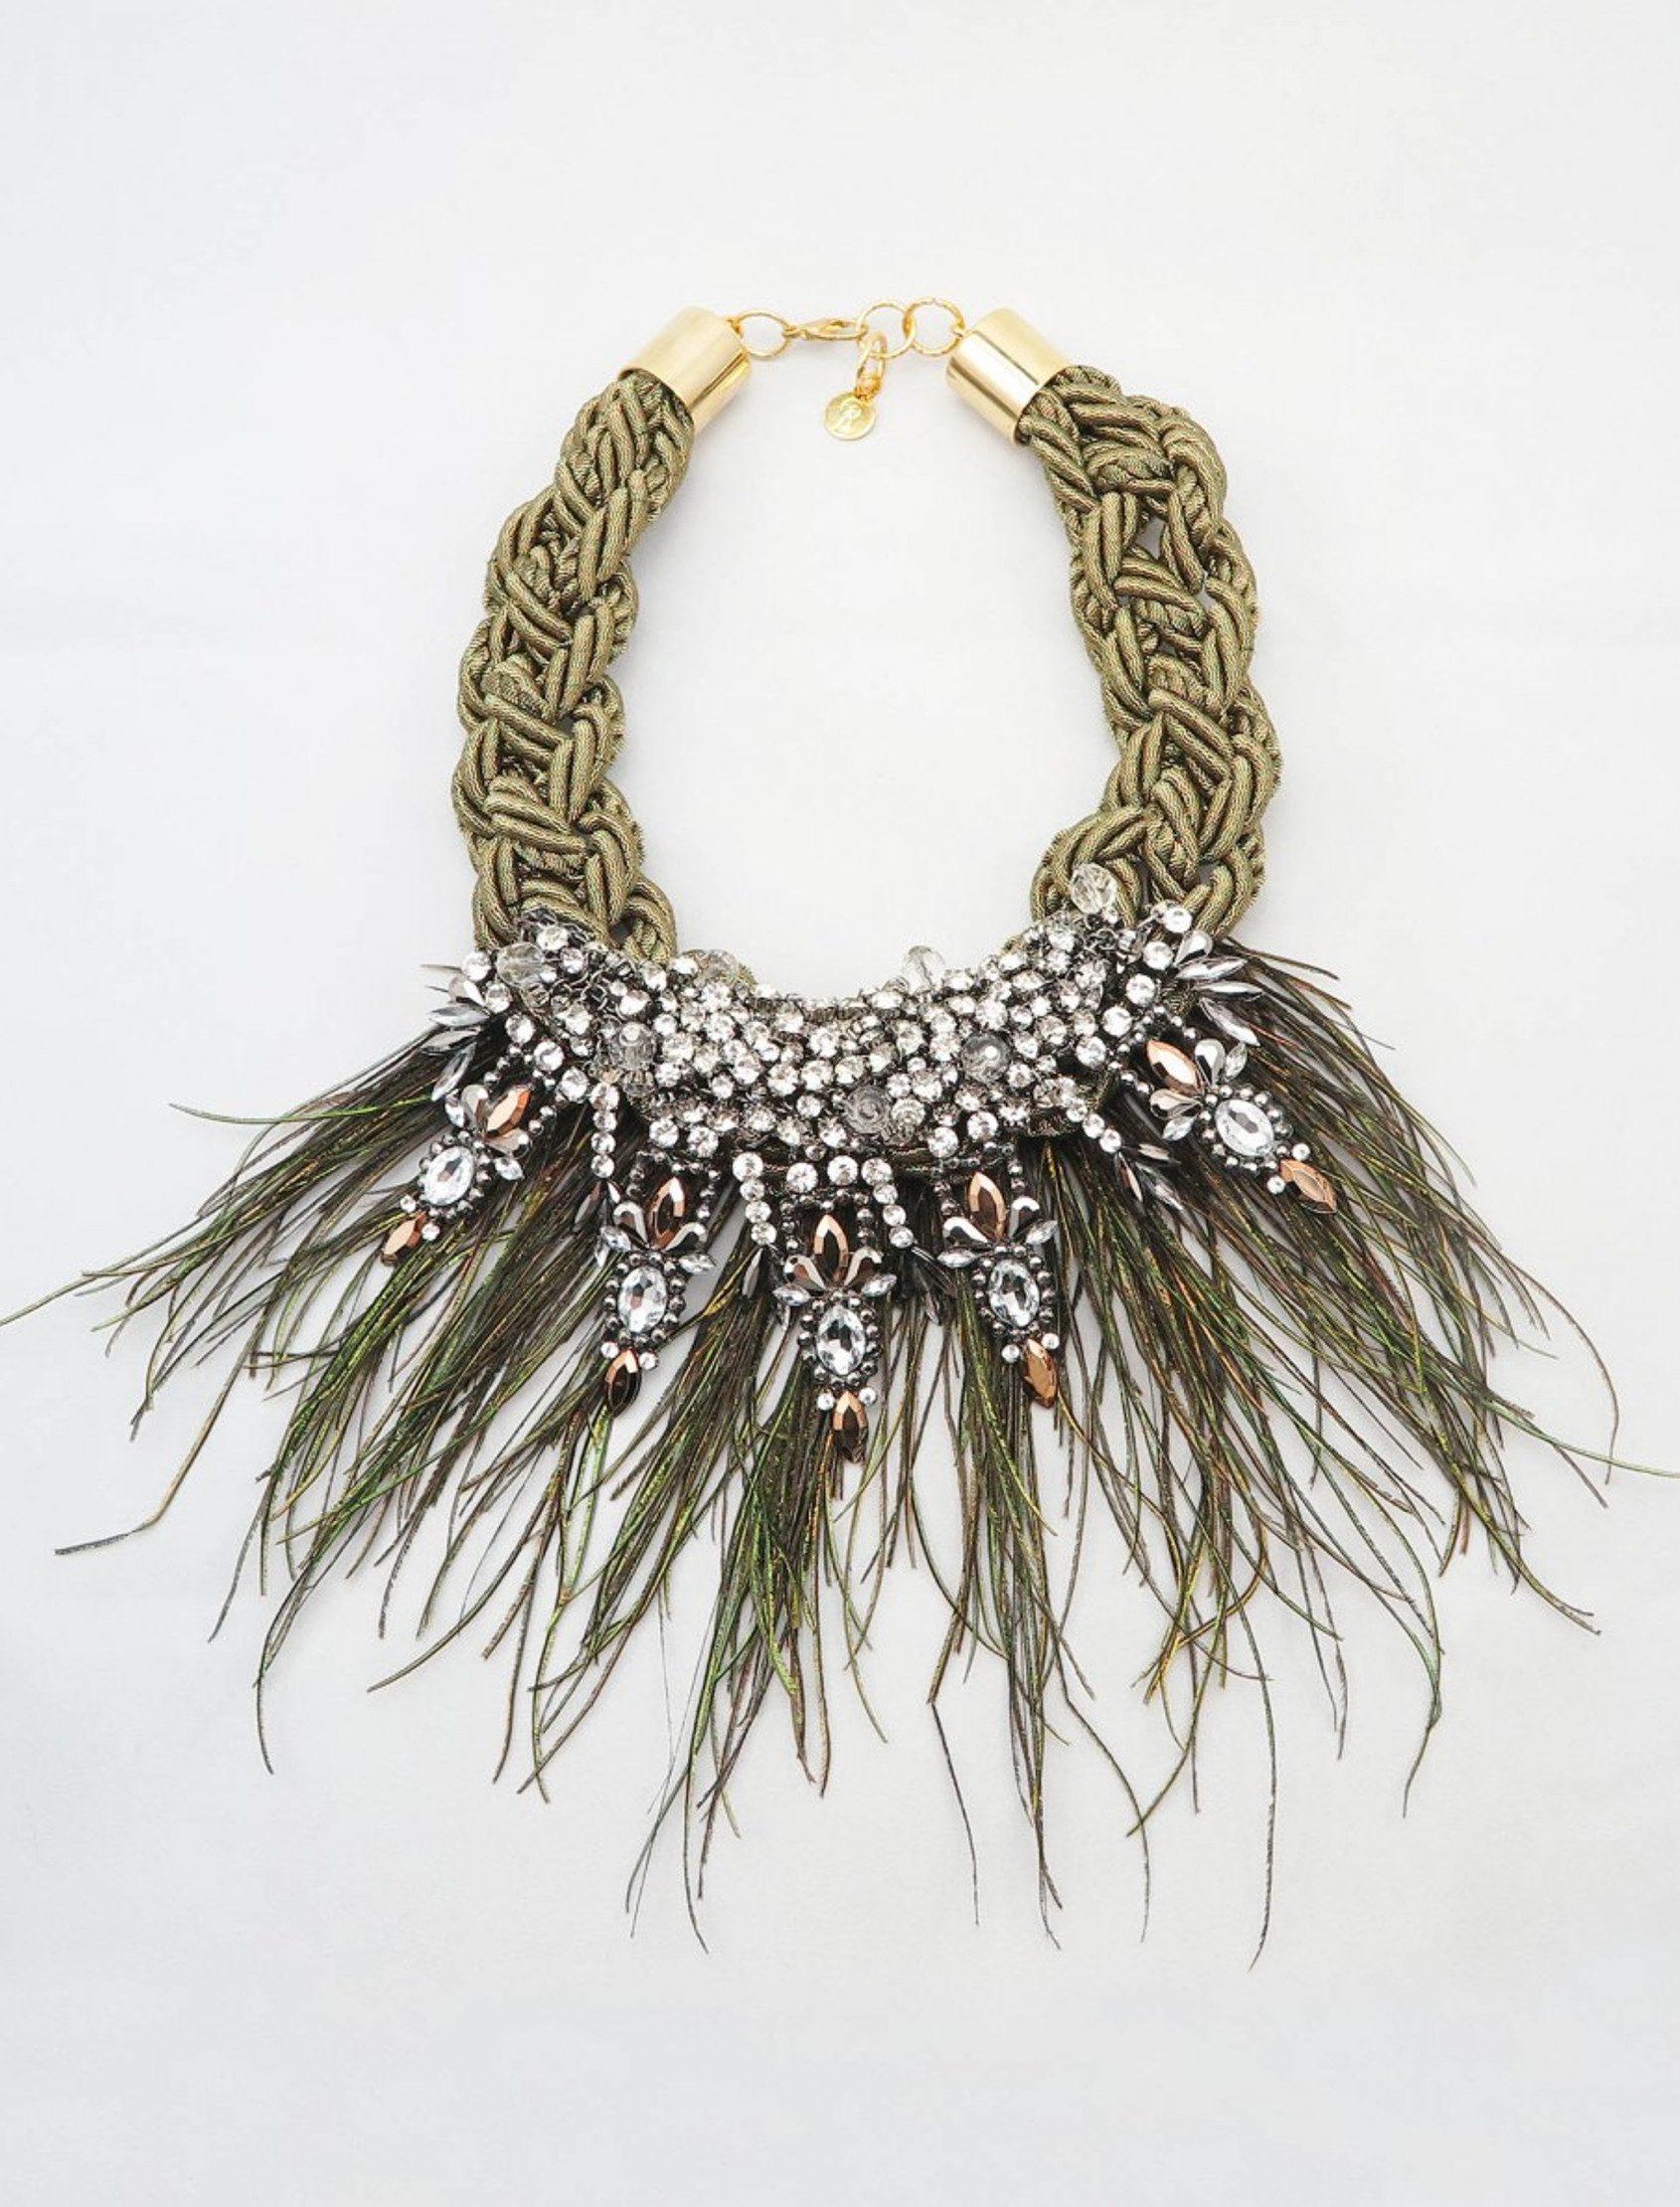 collar venus de dopra con cuerda de rayón en dorado apliques metálicos y plumas de pavo real